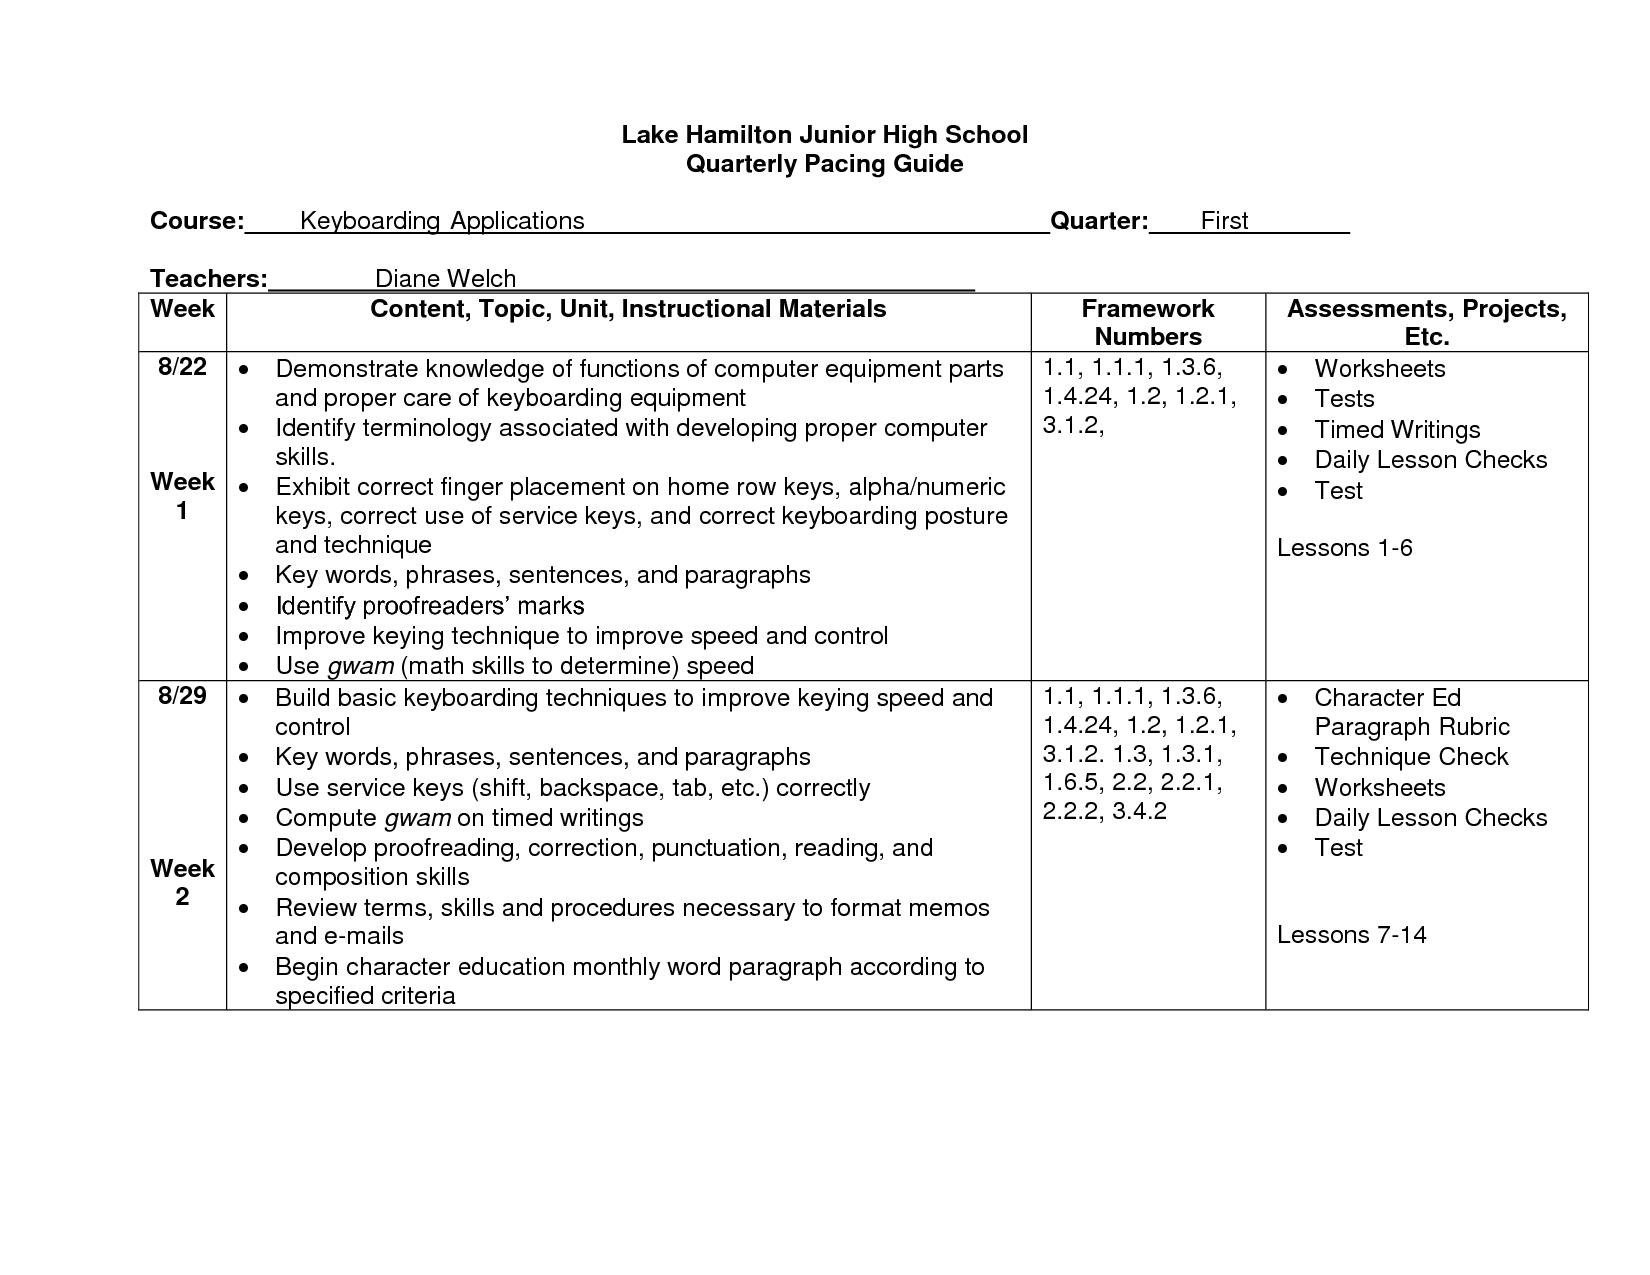 18 Best Images Of Computer Parts Test Worksheet